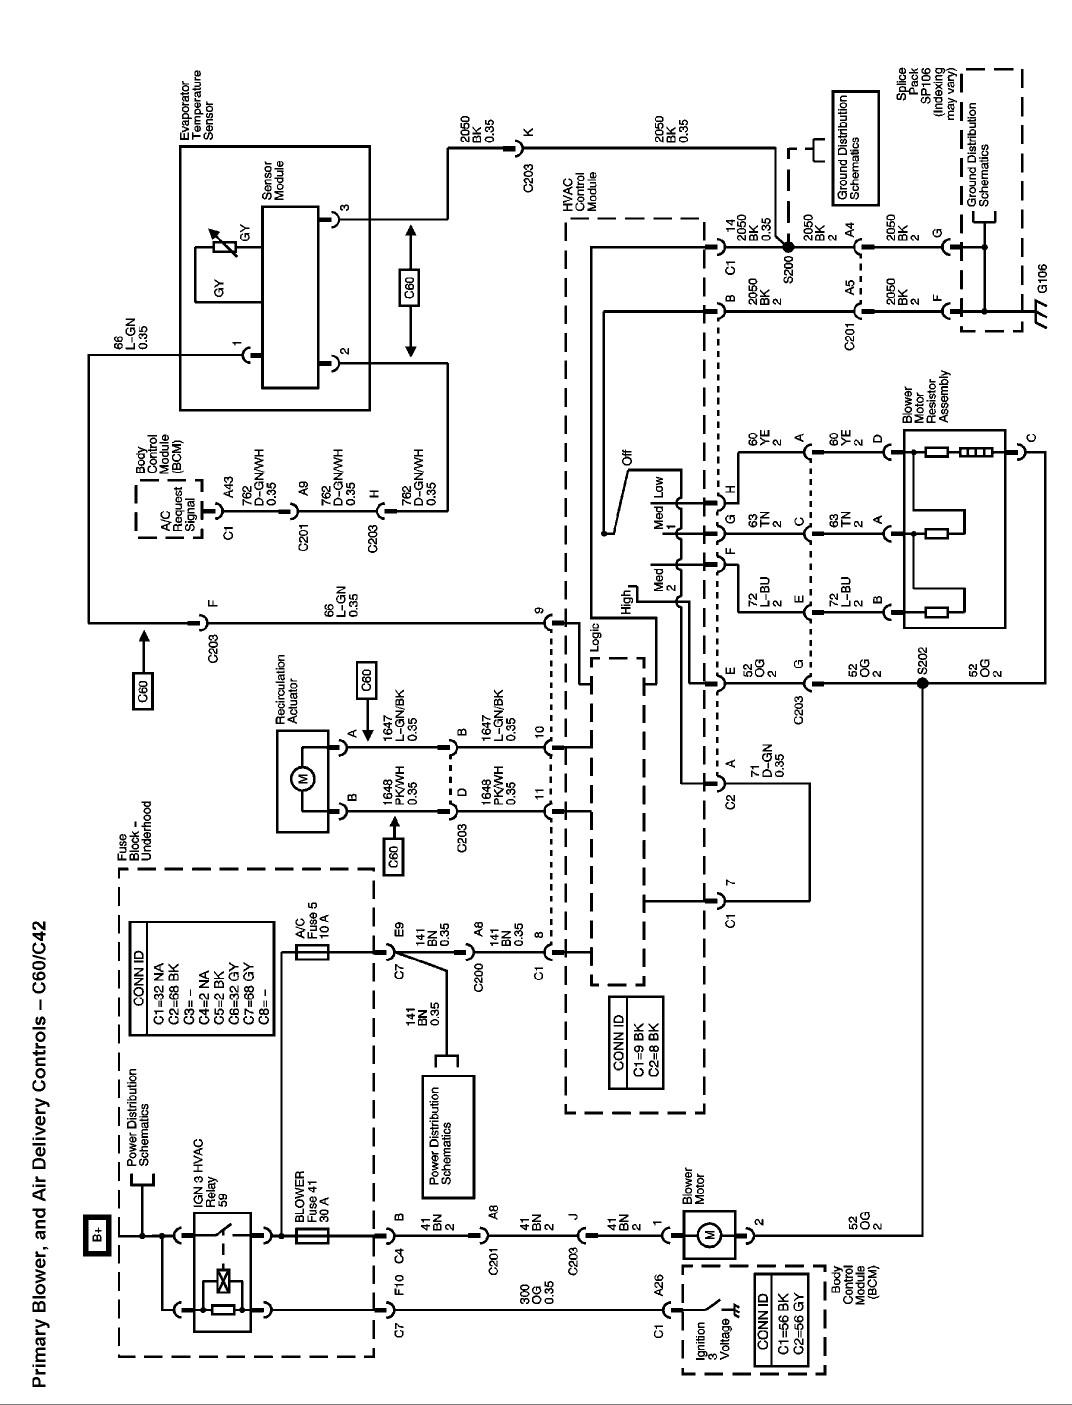 06 chevy colorado wiring diagrams